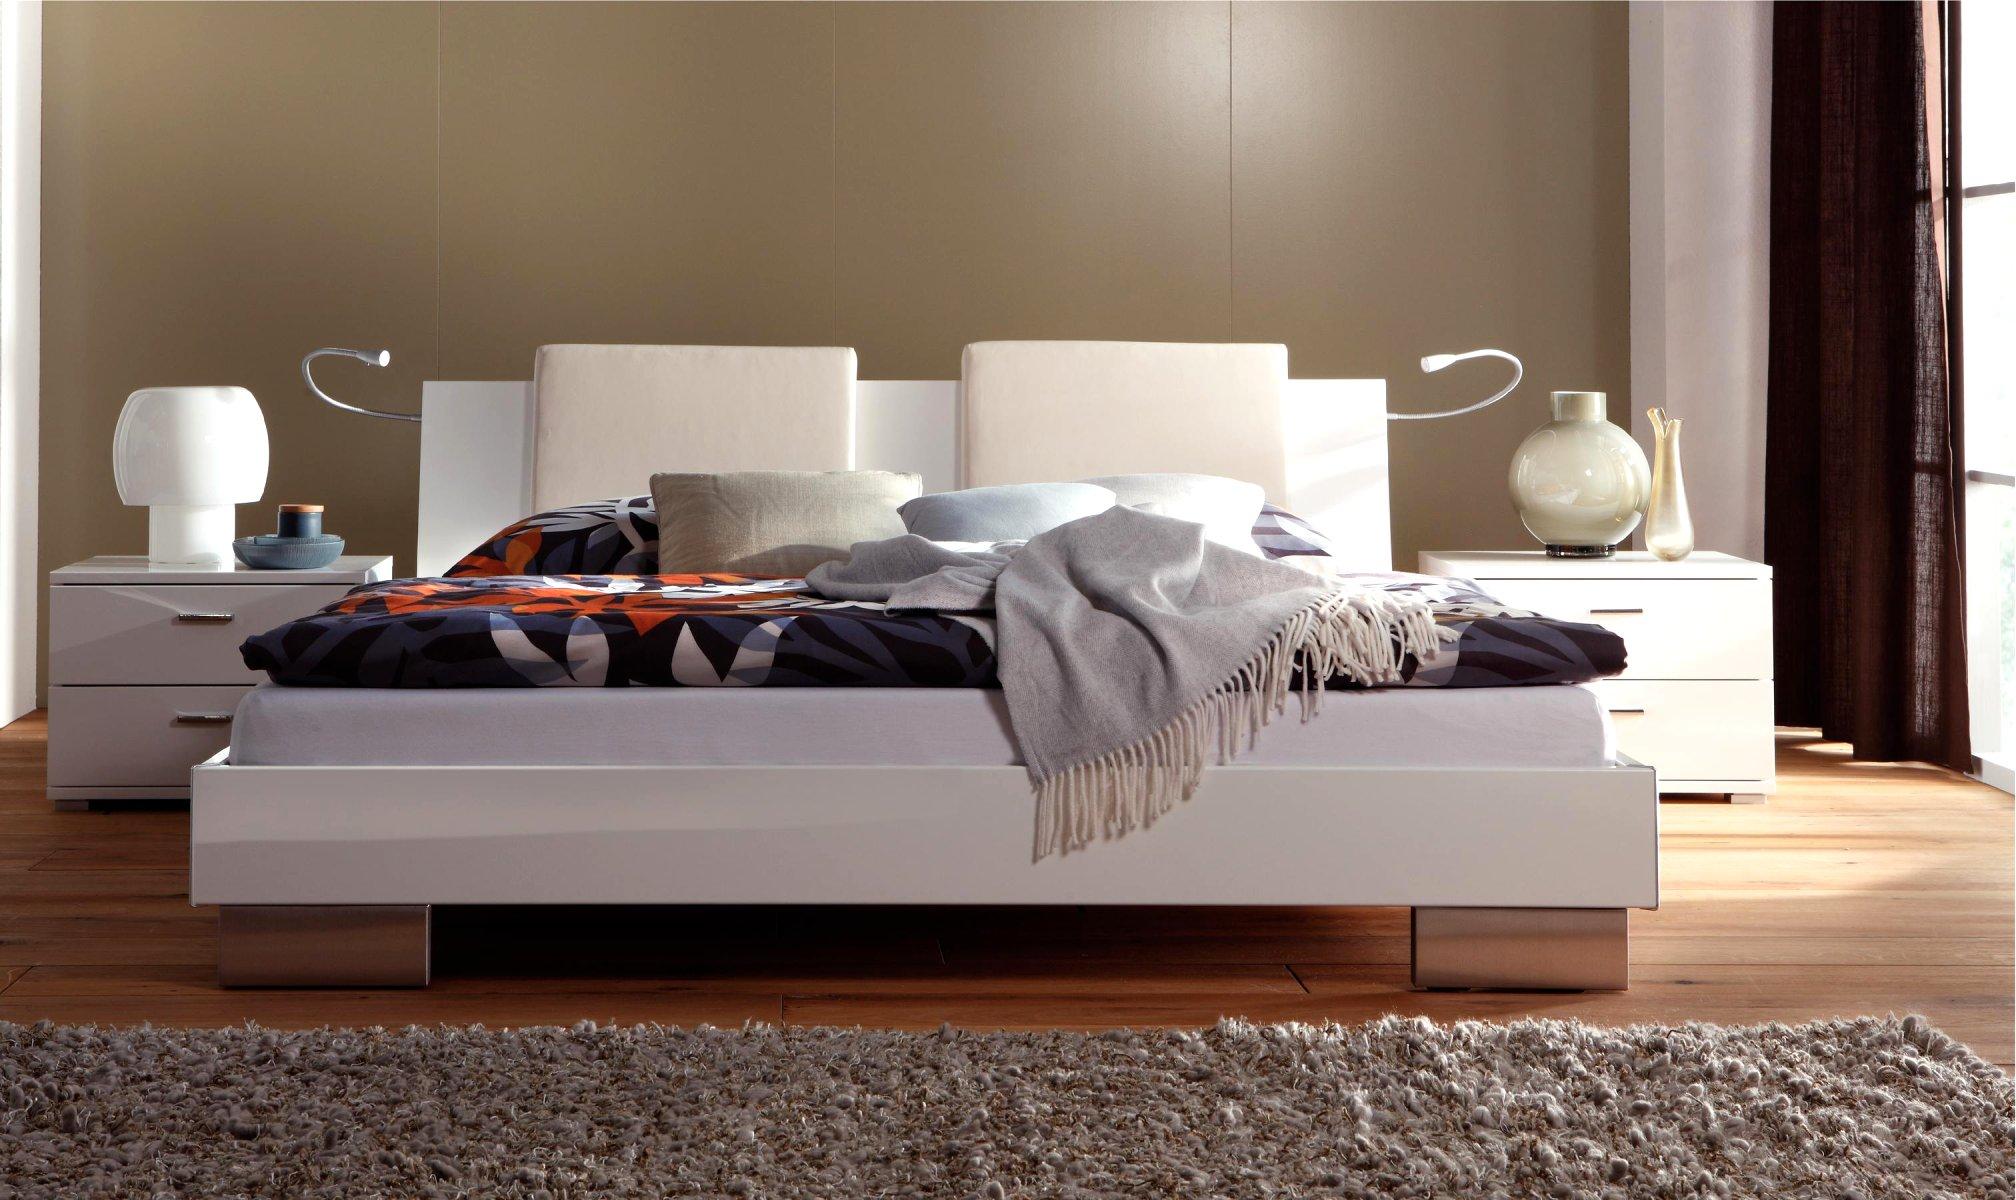 Full Size of Betten Nach Ma Home4feeling Kopfteile Für Jabo De Coole Dänisches Bettenlager Badezimmer Hohe 90x200 Bonprix Designer Günstig Kaufen Wohnwert 180x200 Meise Bett Weiße Betten